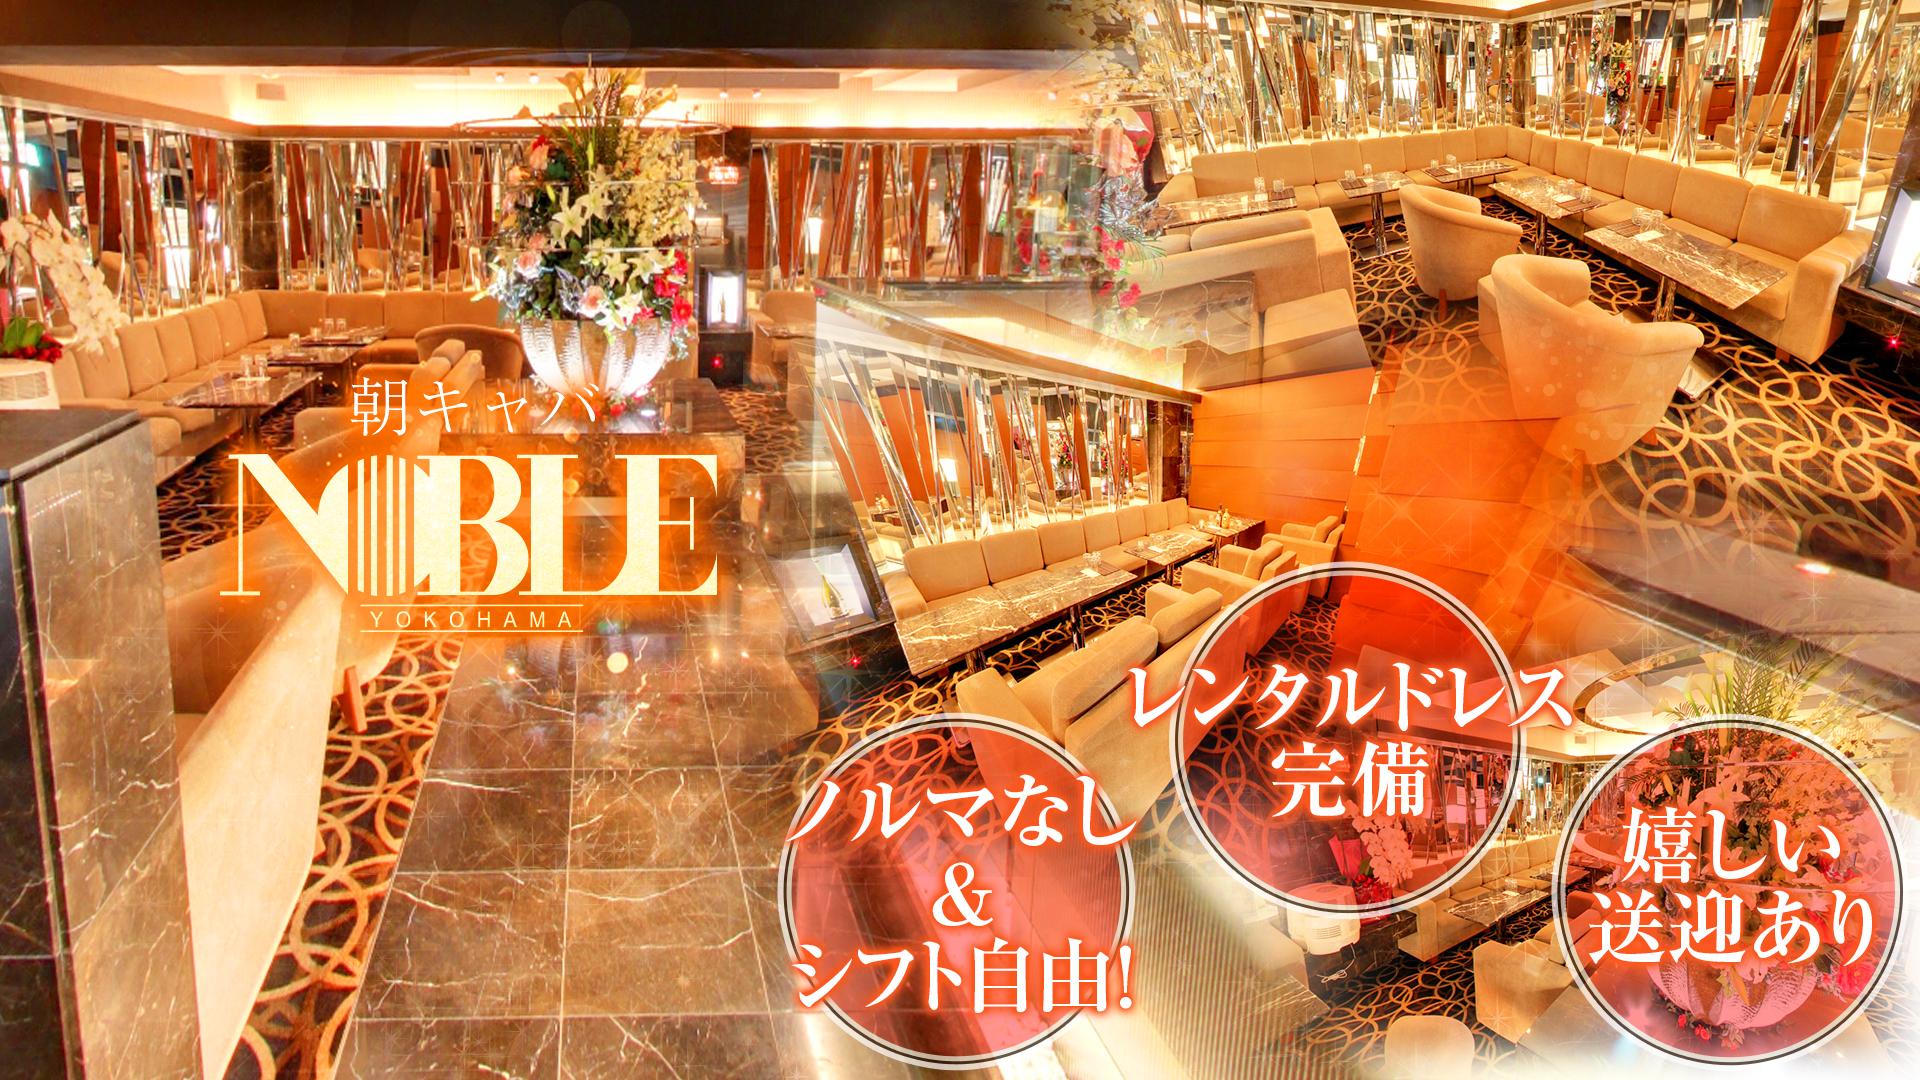 【朝】横浜ノーブル 横浜 キャバクラ TOP画像